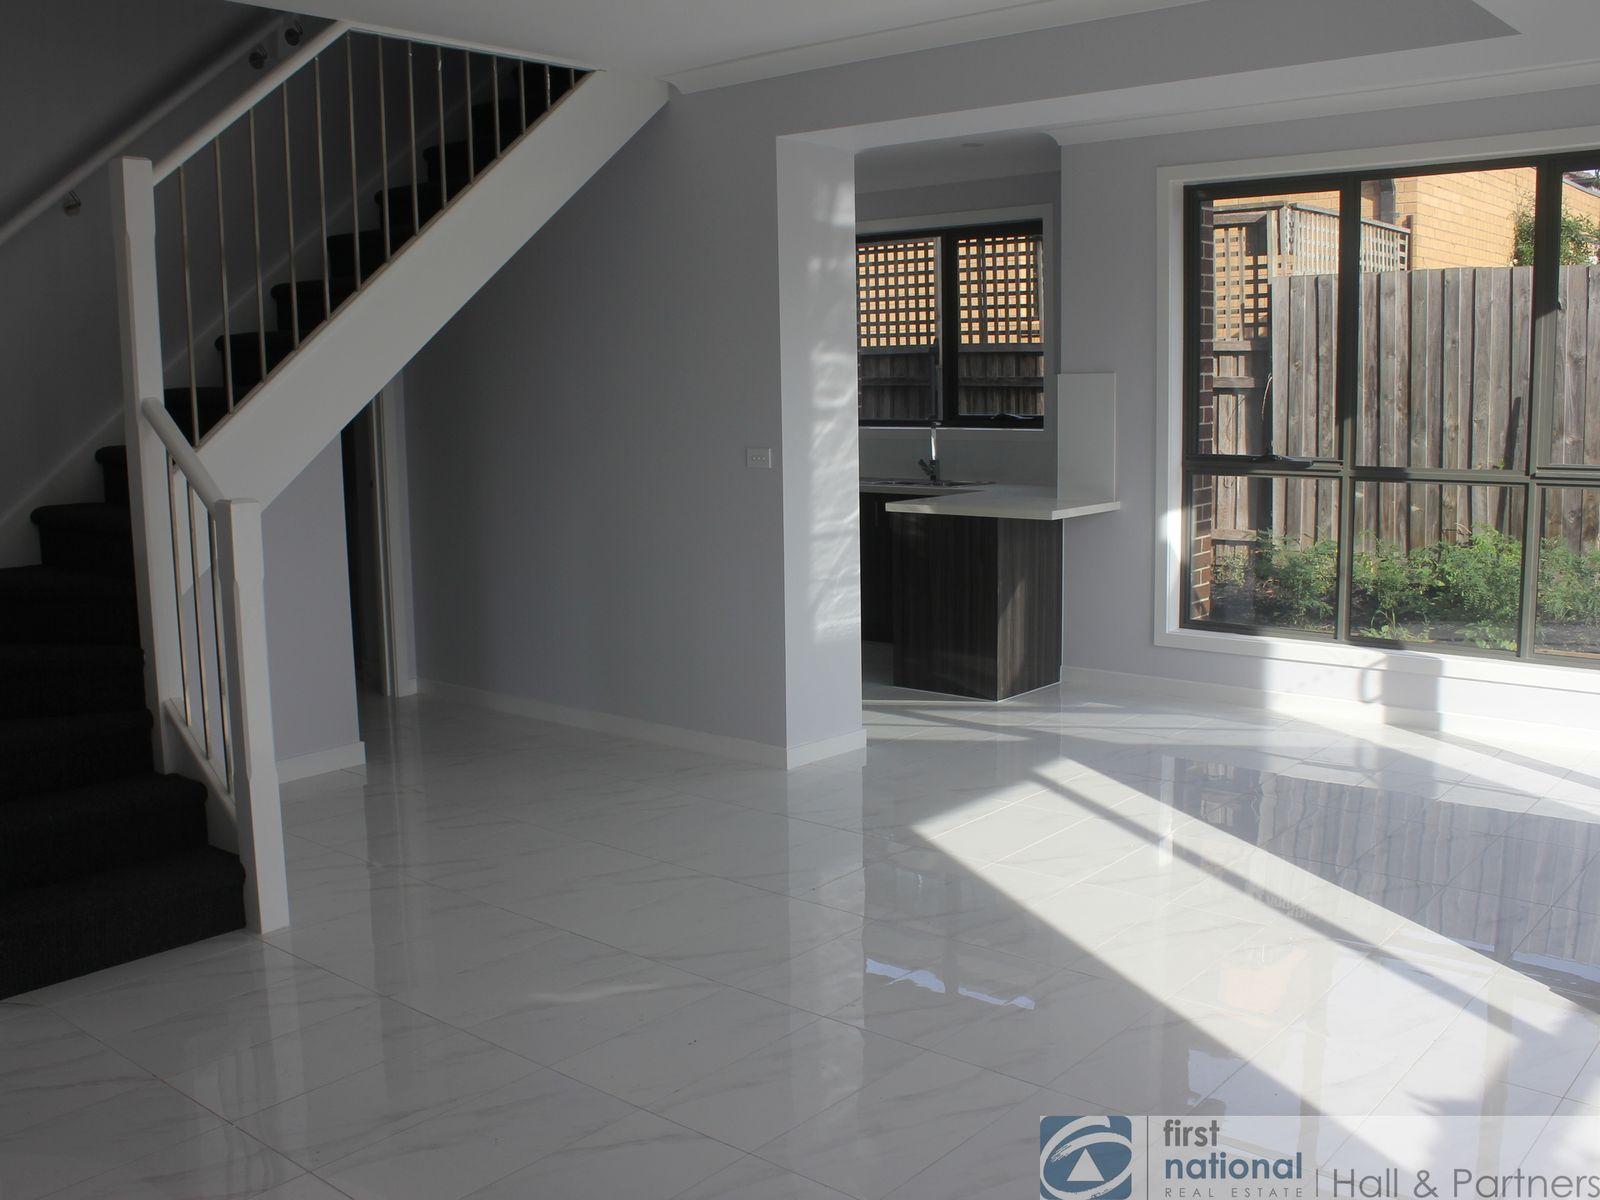 2/100 Ann Street, Dandenong, VIC 3175